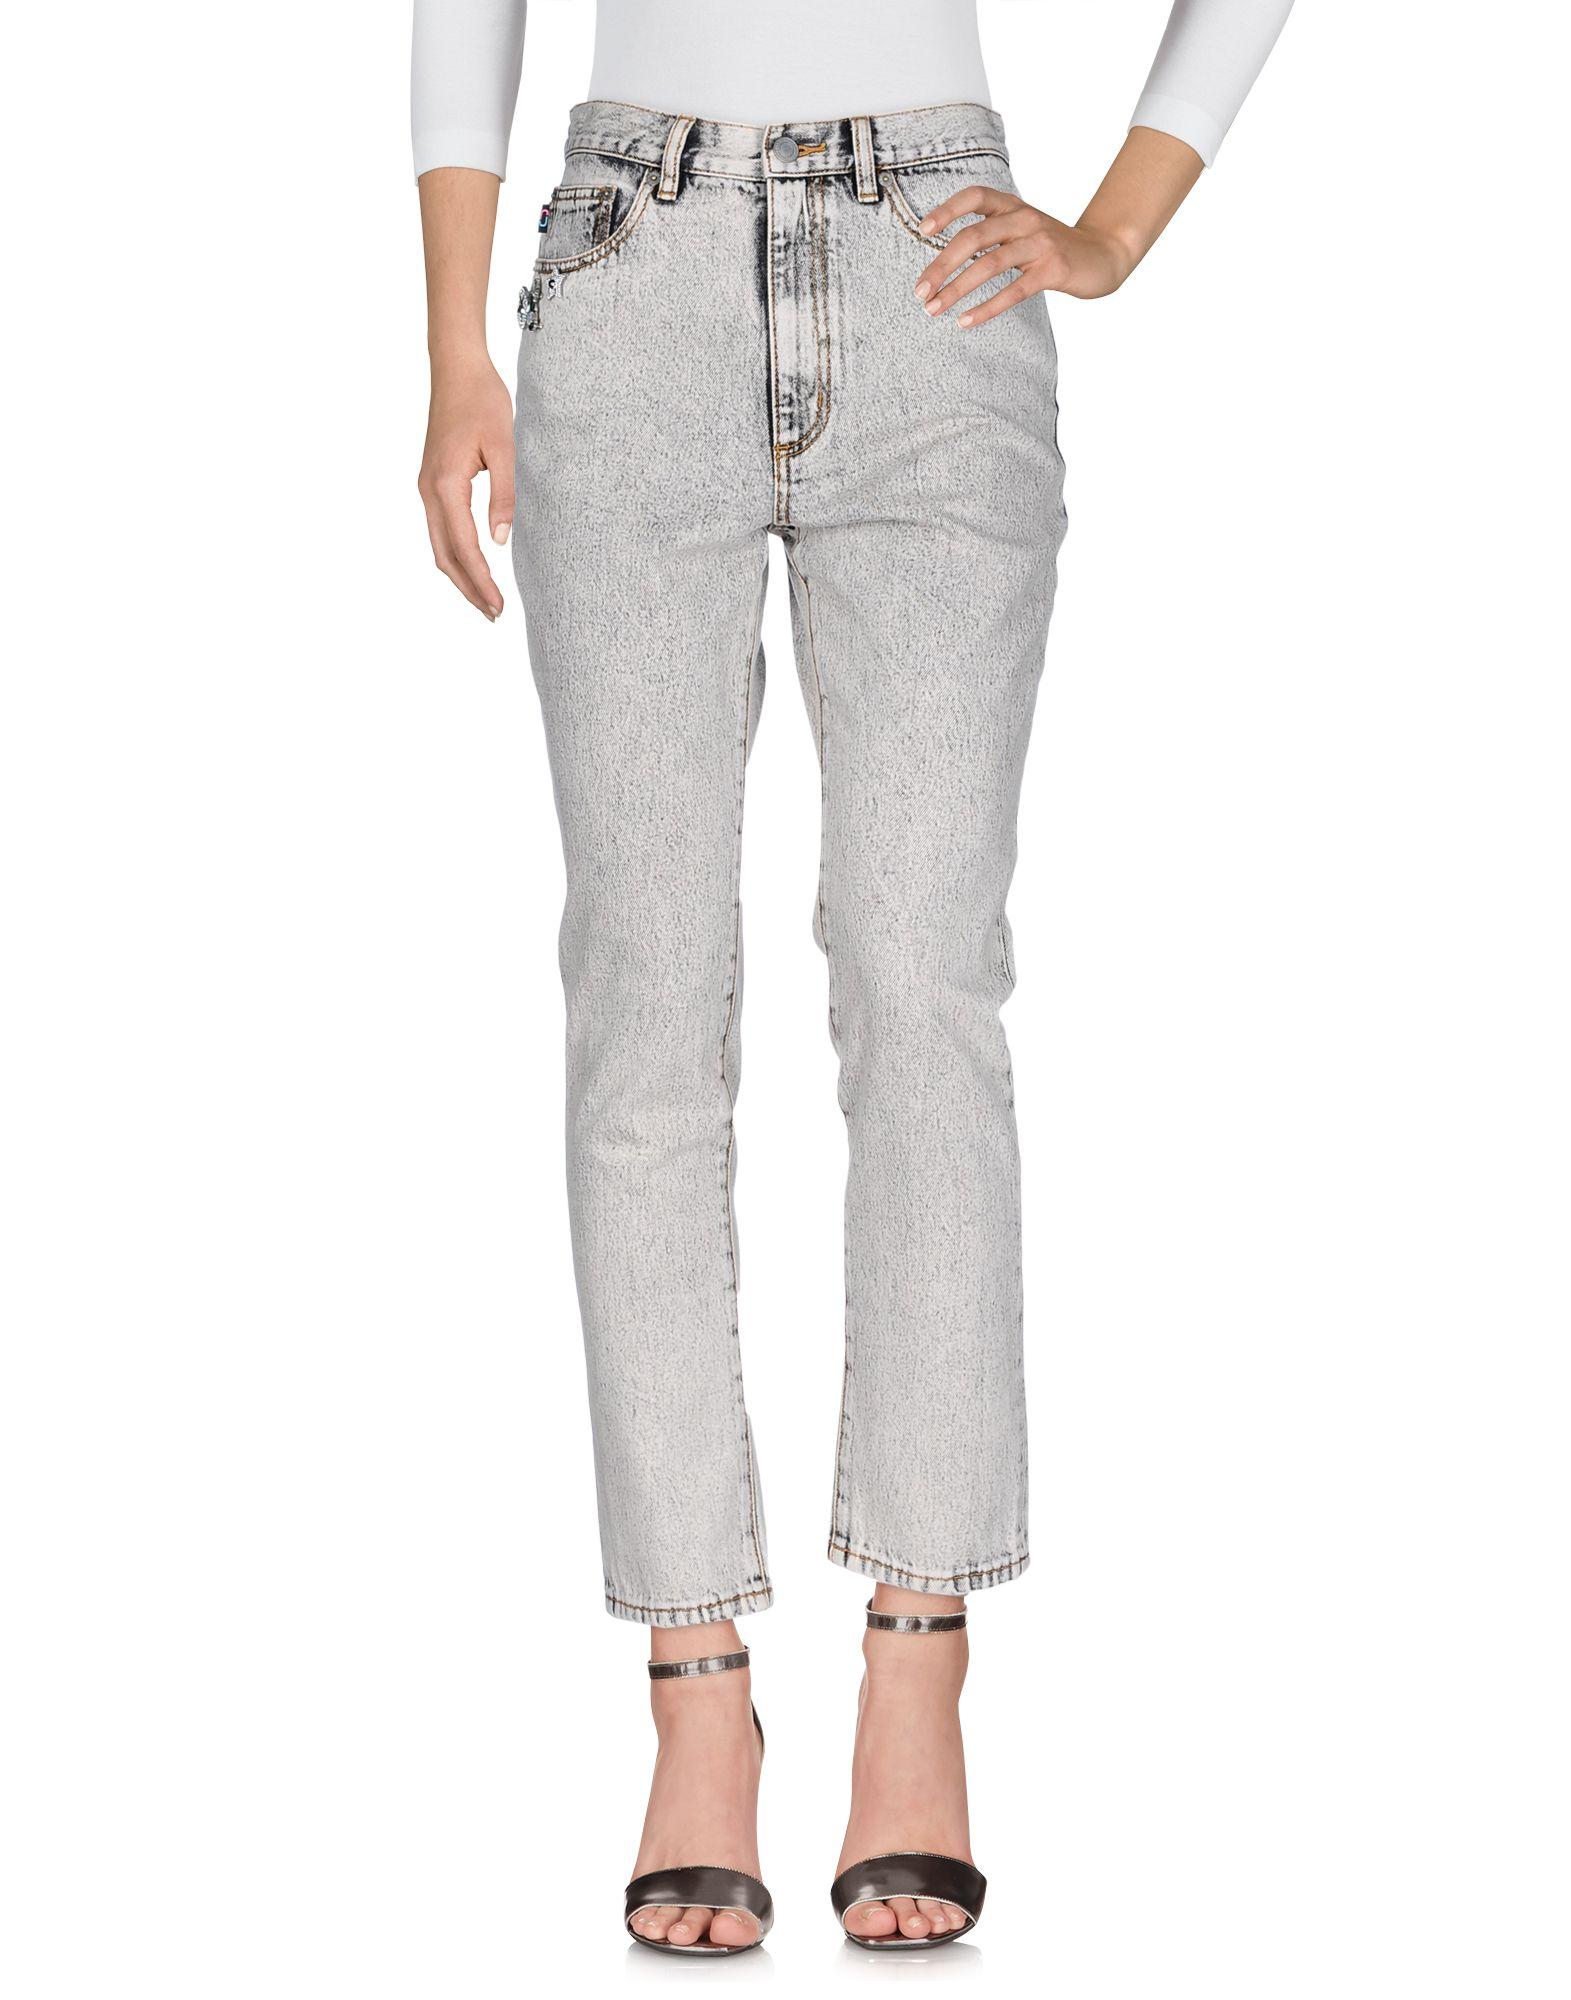 Pantaloni Jeans Marc Jacobs damen - 42642037PK